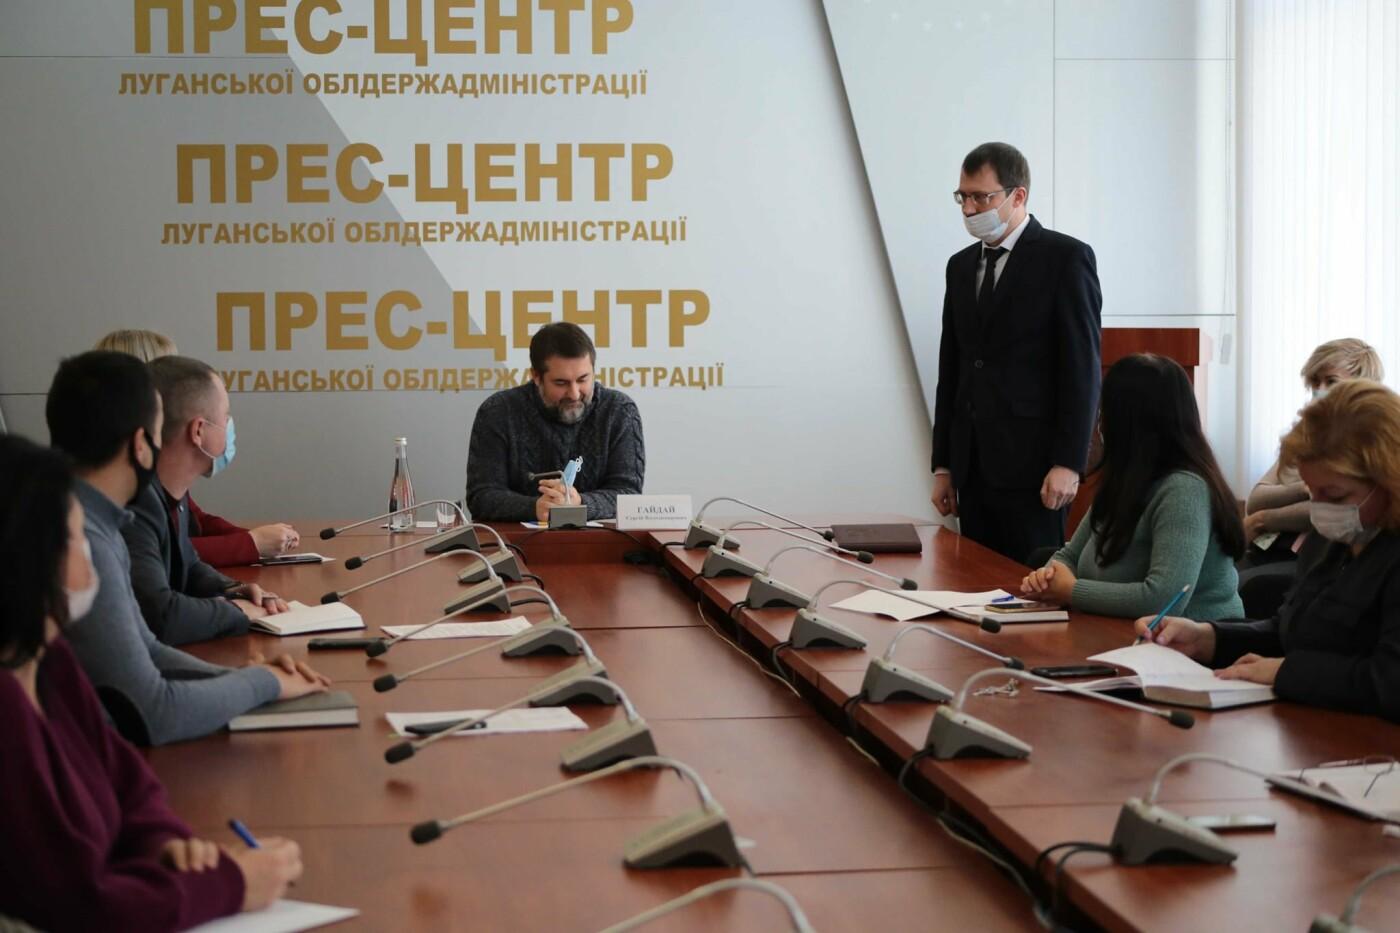 На Луганщине назначили первого зама главы областной администрации, фото-1